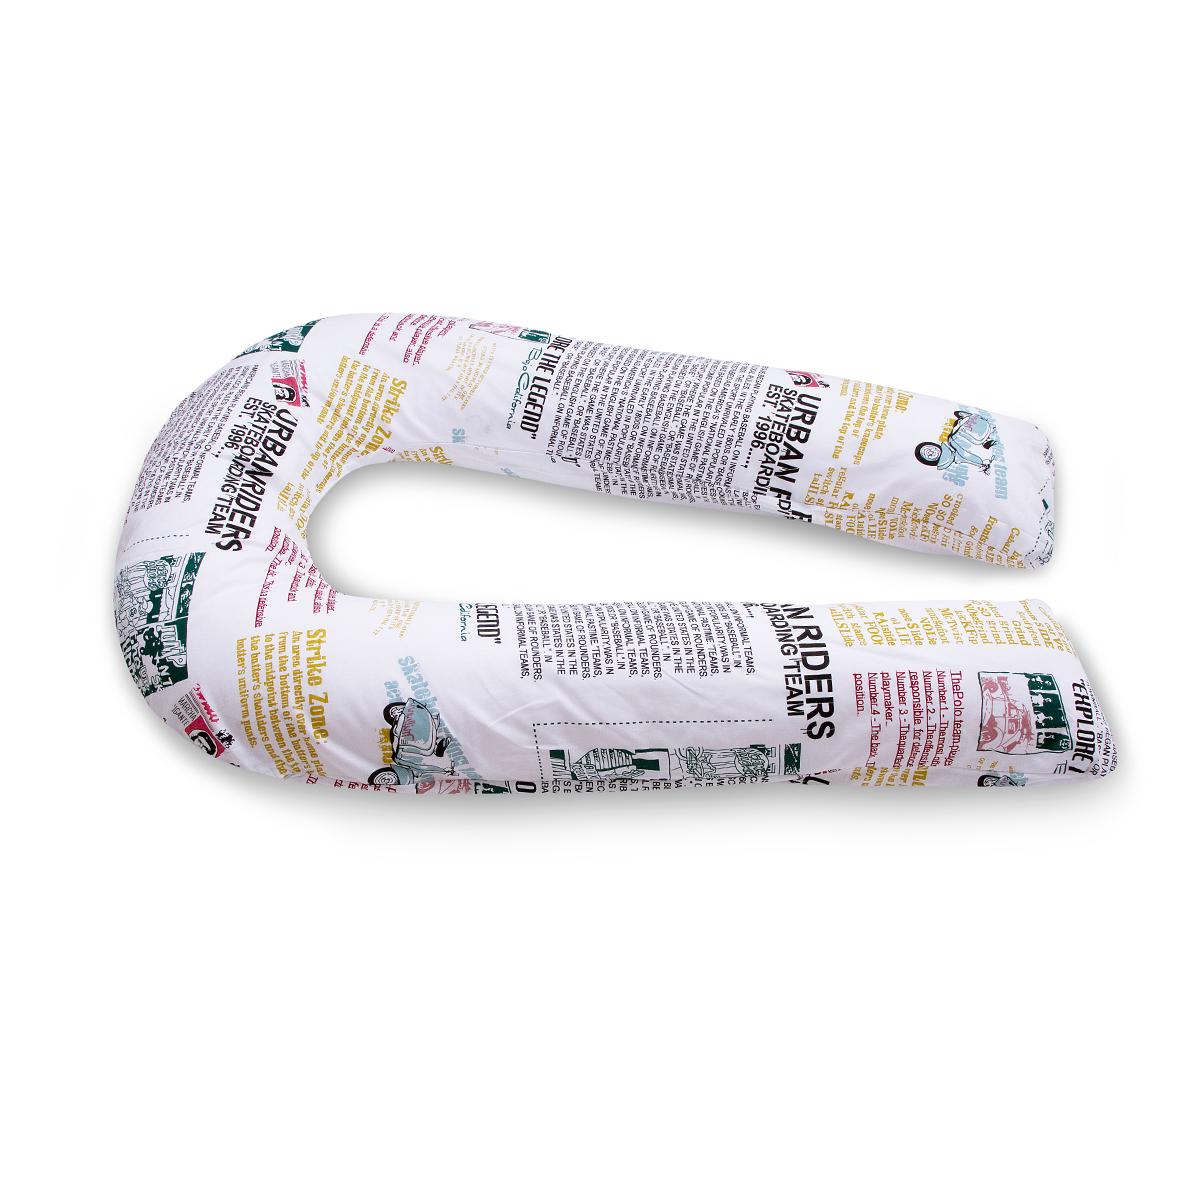 БИО-Подушка для беременных U maxi, чехол: газетаРU340K7Био-подушка для беременных в форме подковы абсолютно безопасна и гипоаллергенна. Поможет будущей маме комфортно разместиться на любом сроке беременности. Она незаменима для сна, отдыха и кормления малыша. Удлиненные ножки помогут занять удобное положение женщине любого роста, в ширину же подушка, наоборот, сделана максимально компактной и занимает минимум места на кровати. Округлые и симметричные формы создают гармонию и уют. Мягкий наполнитель из тонкого полиэфирного волокна (микроволокно) гигиеничен и прост в уходе (машинная стирка). Подушка мягкая и комфортная, равномерно наполнена. Вы можете сгибать и скручивать подушку, чтобы принять удобную позу, потом подушка вернет свою первоначальную форму. Чехол (наволочка) из хлопка джерси легко снимается и надевается на подушку, не мнется, не требует деликатного обращения. В комплекте предусмотрена сумка-чехол для бережного хранения подушки. Рекомендации по уходу: ручная или машинная стирка при начальной...